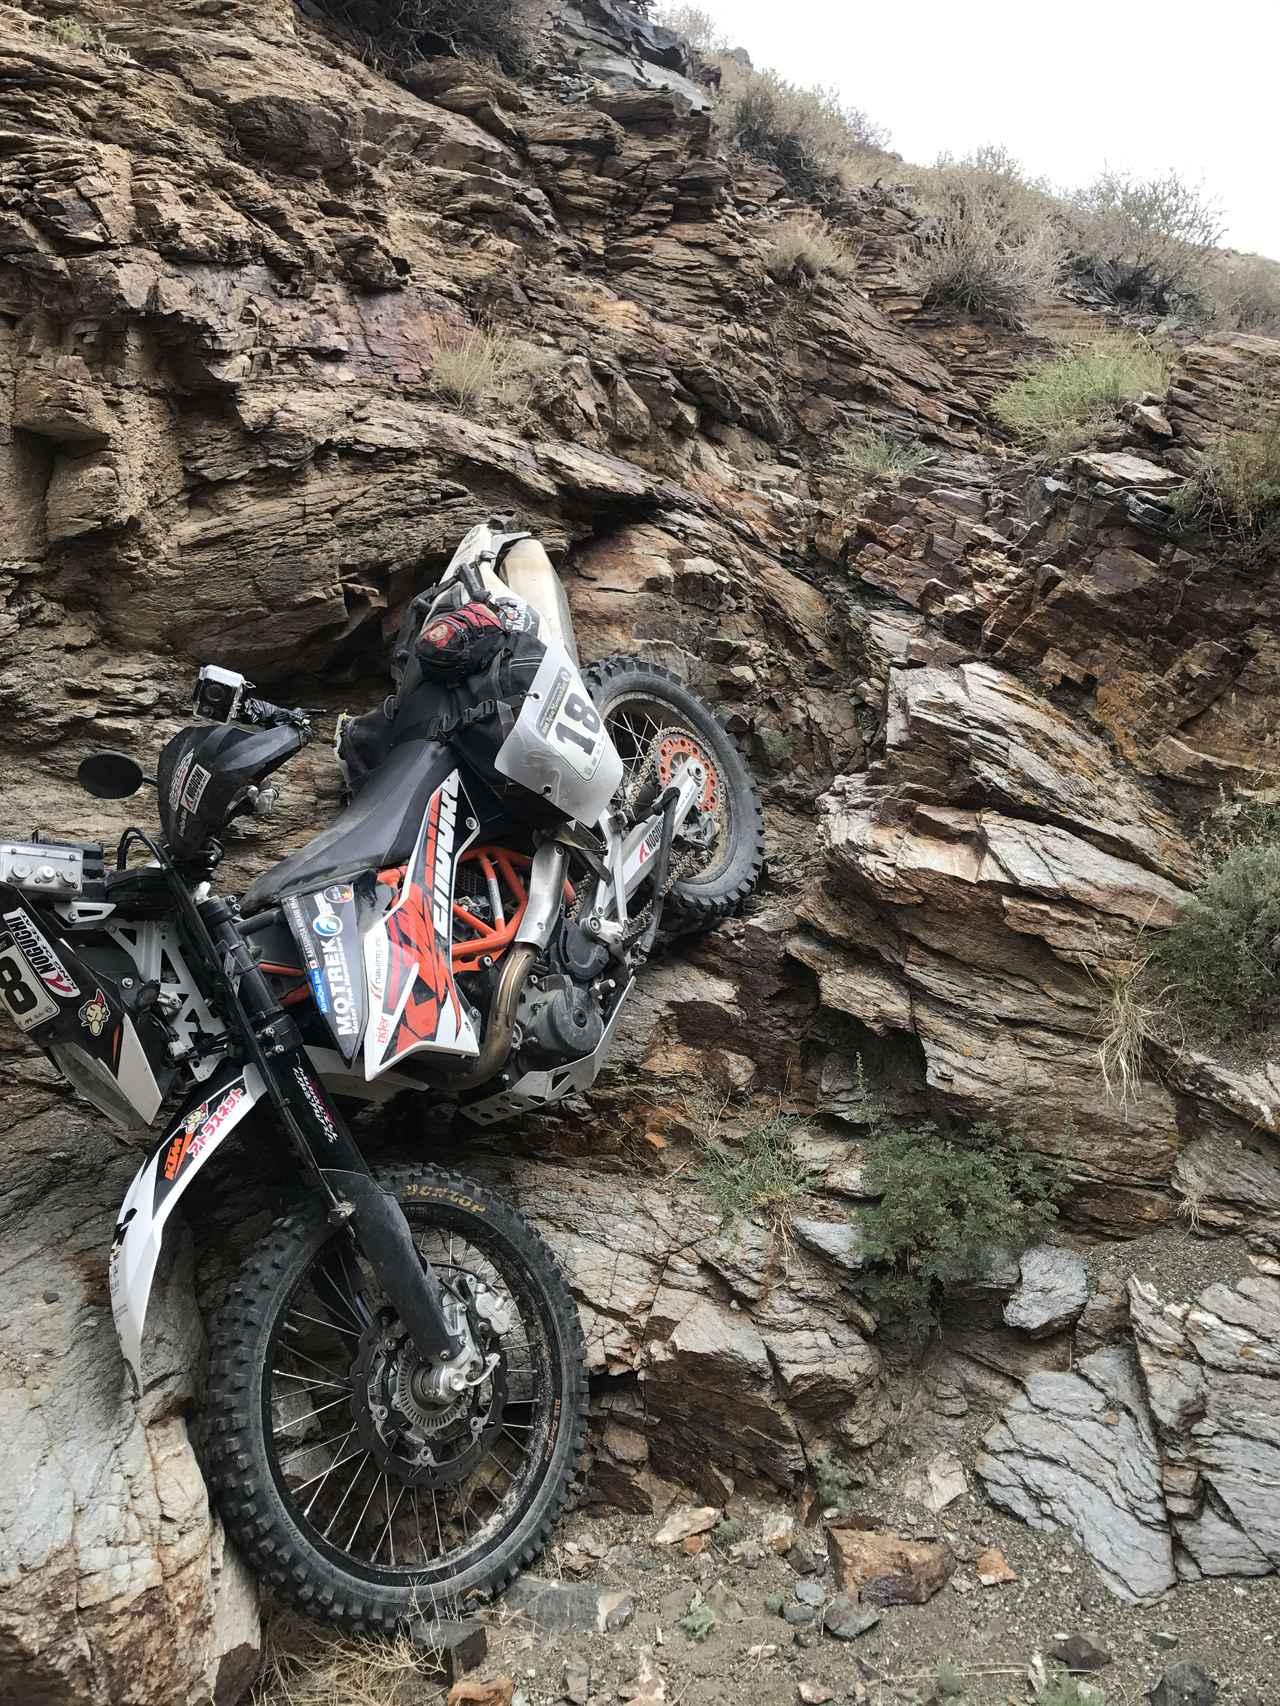 画像2: Photorip by rider 02 FA-COAT ラリーモンゴリア【モンゴルでのクロスカントリーラリー】